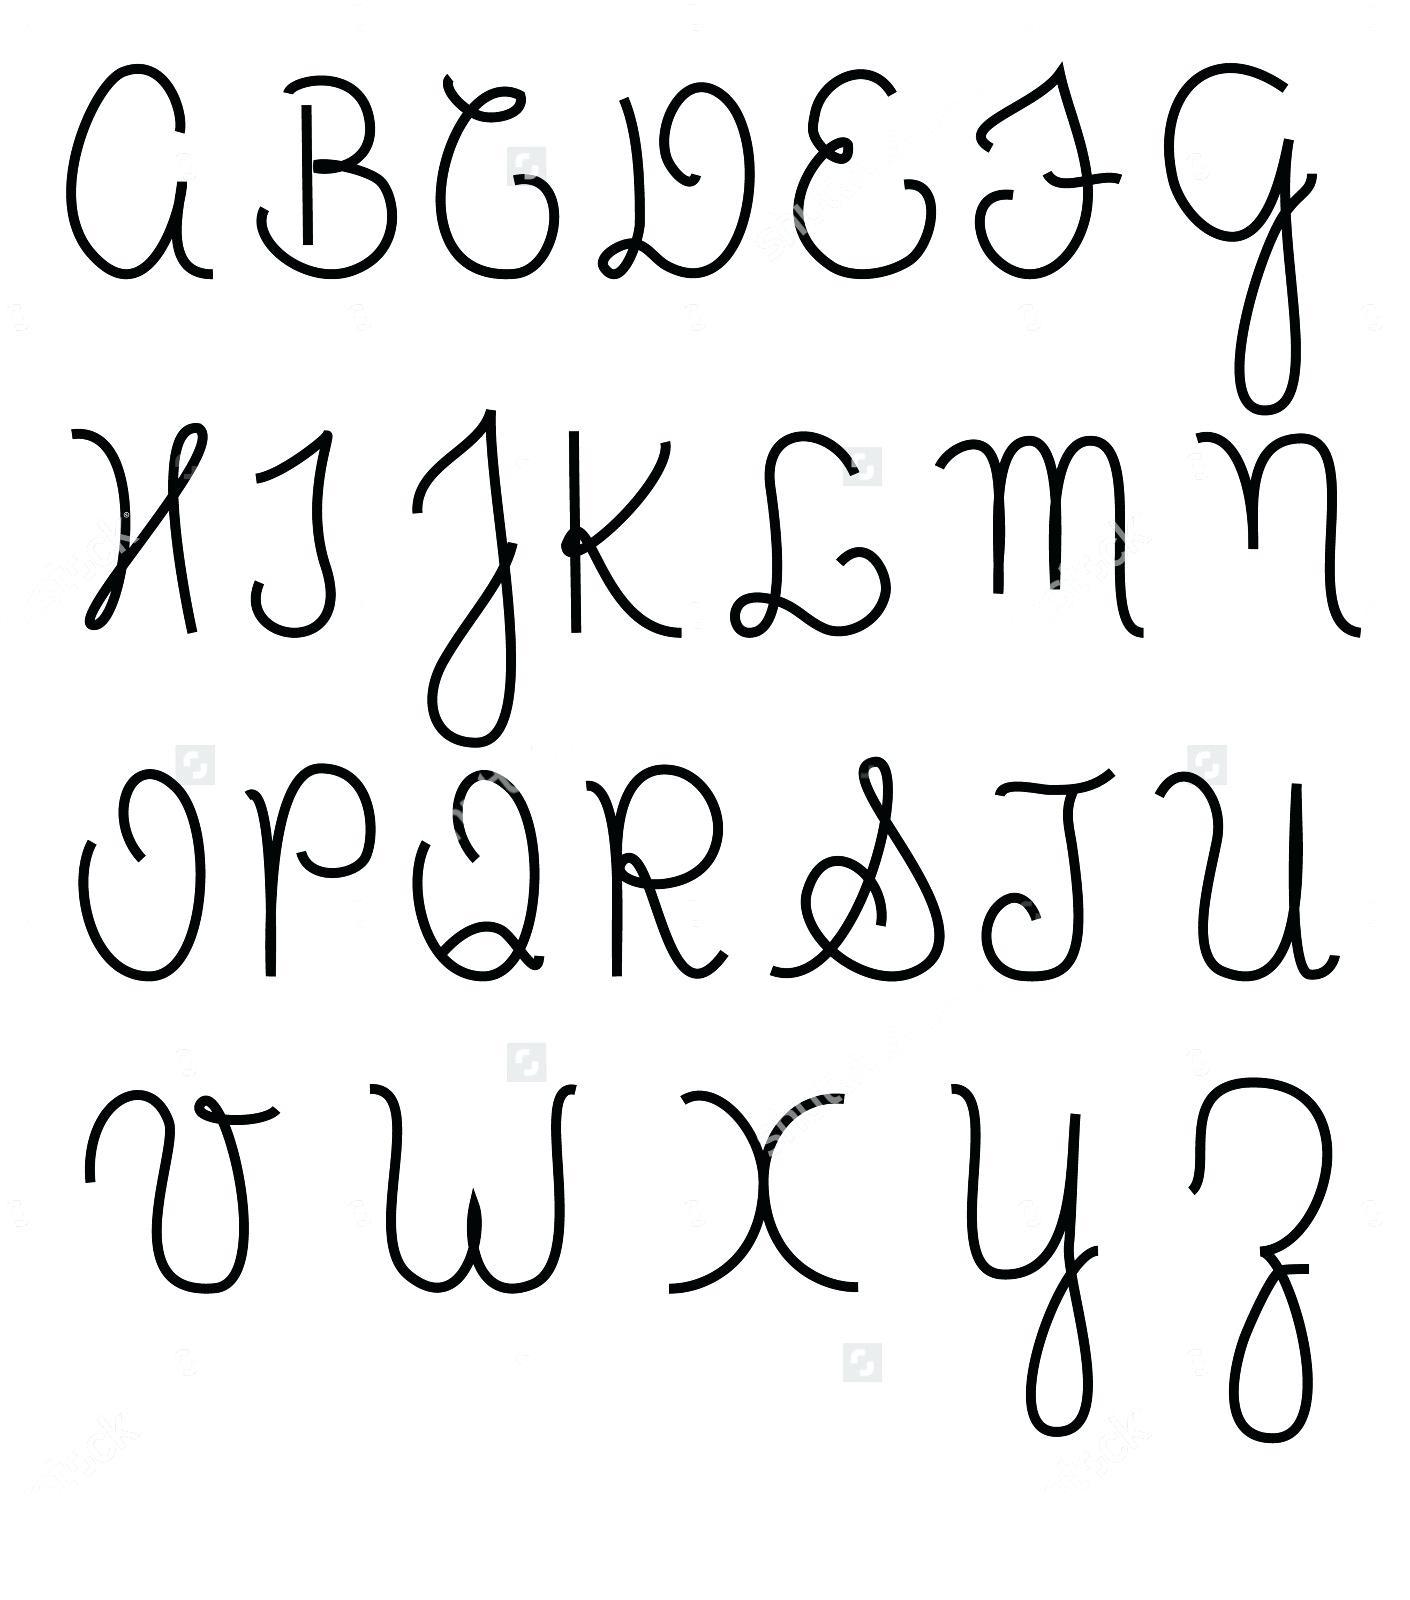 Cursive Lettering Alphabet Capital Letters Alphabet Cursive Free - Free Printable Cursive Alphabet